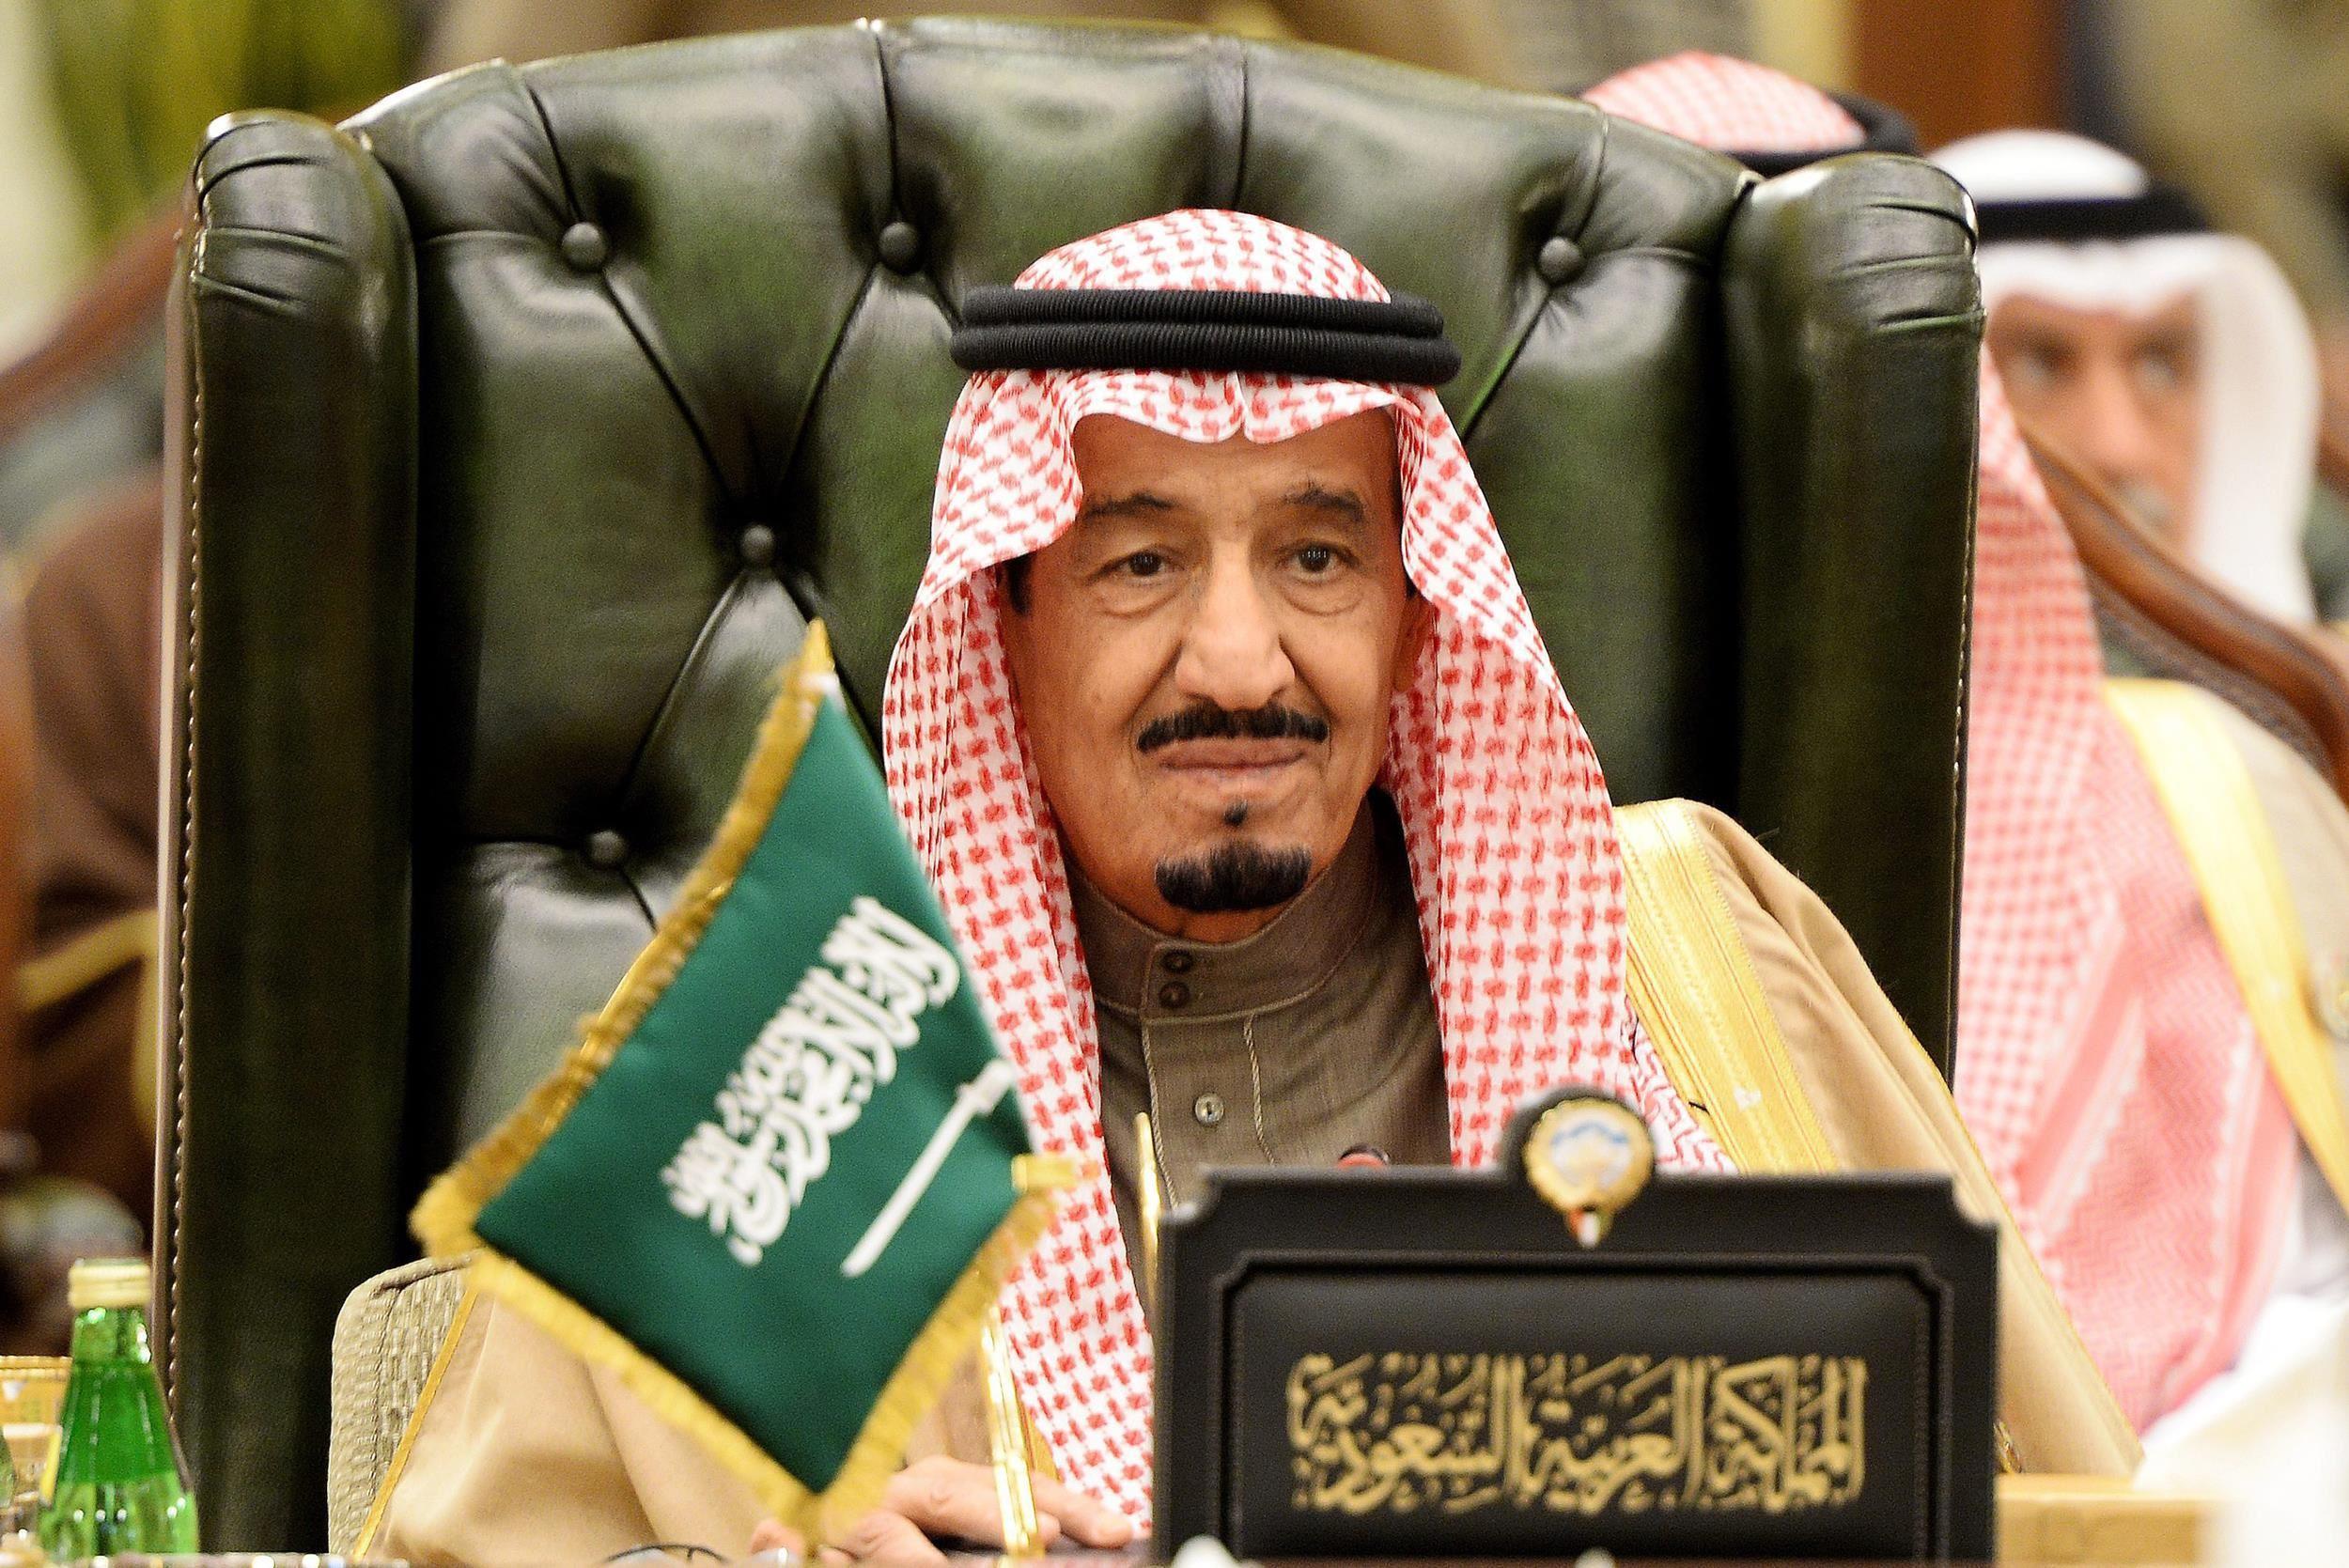 العاهل السعودي يلتقي الرئيس اليمني في مكة المكرمة